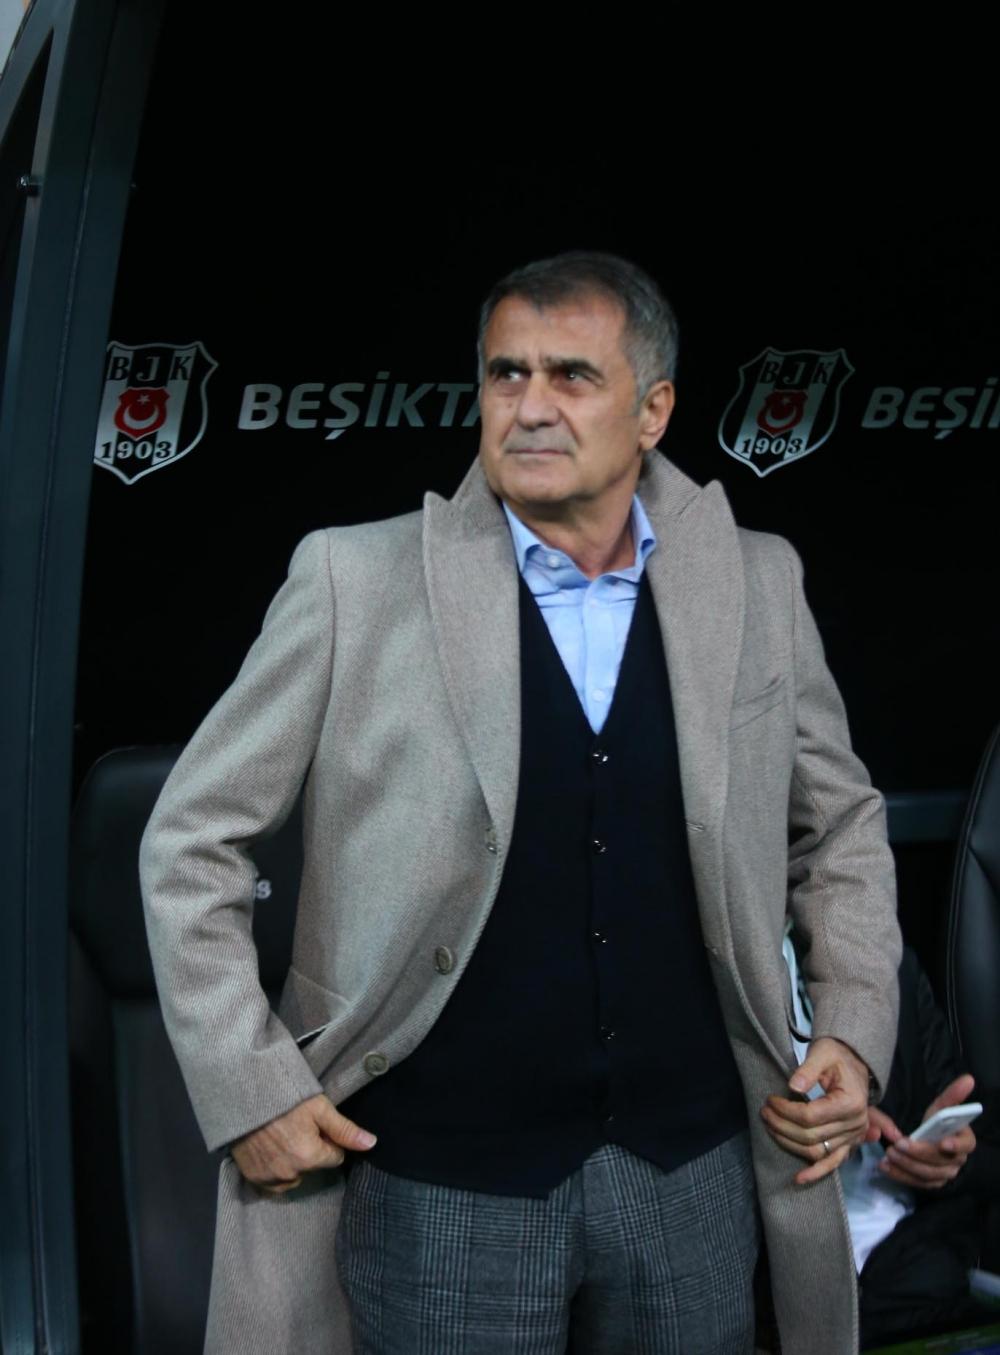 Beşiktaş - Galatasaray maçından kareler 1